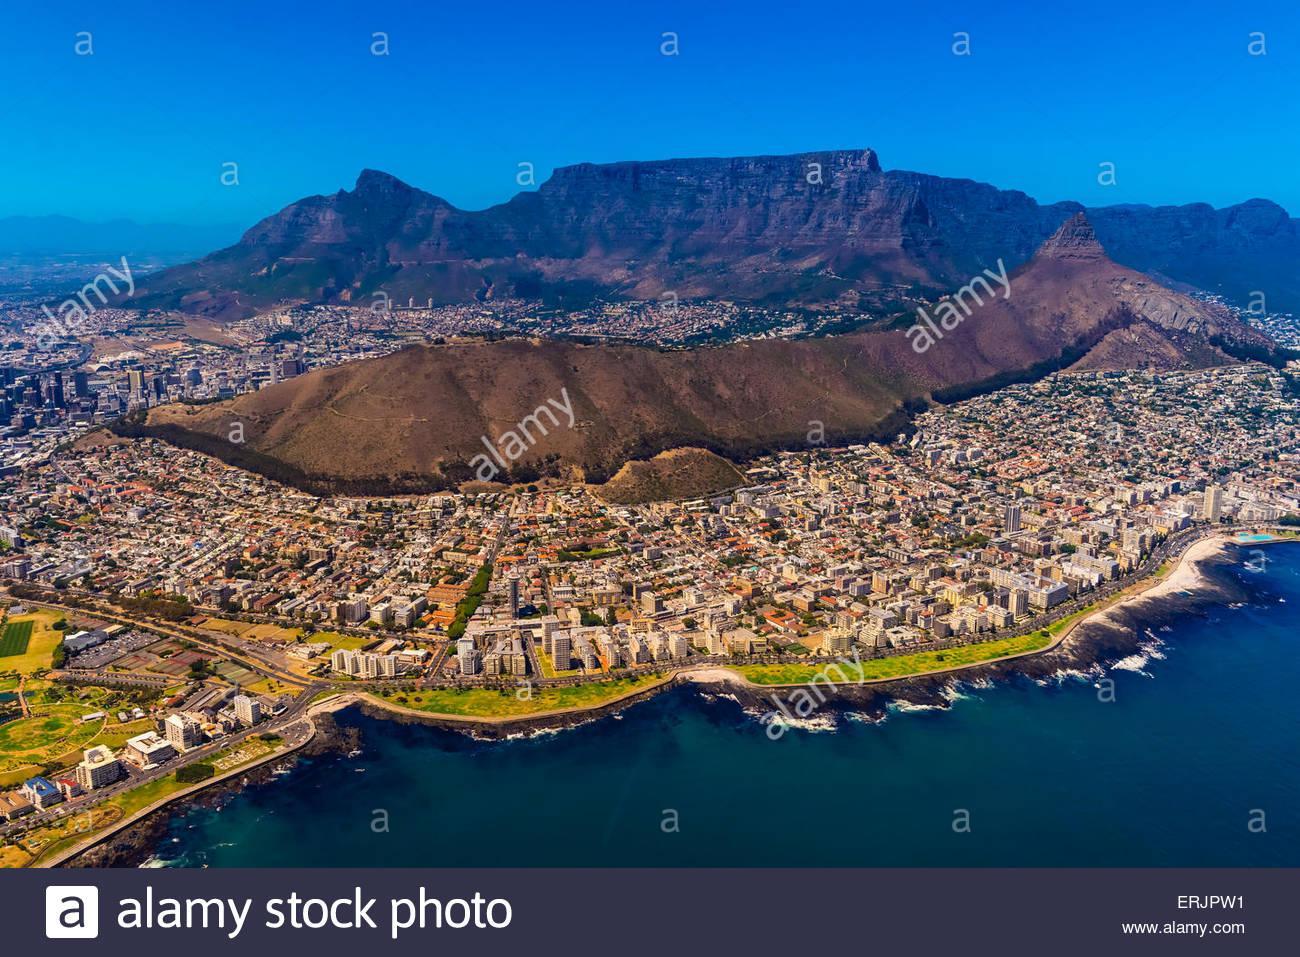 Vista aérea de la costa de Ciudad del Cabo con el Signal Hill y Table Mountain en el fondo, Sudáfrica. Imagen De Stock